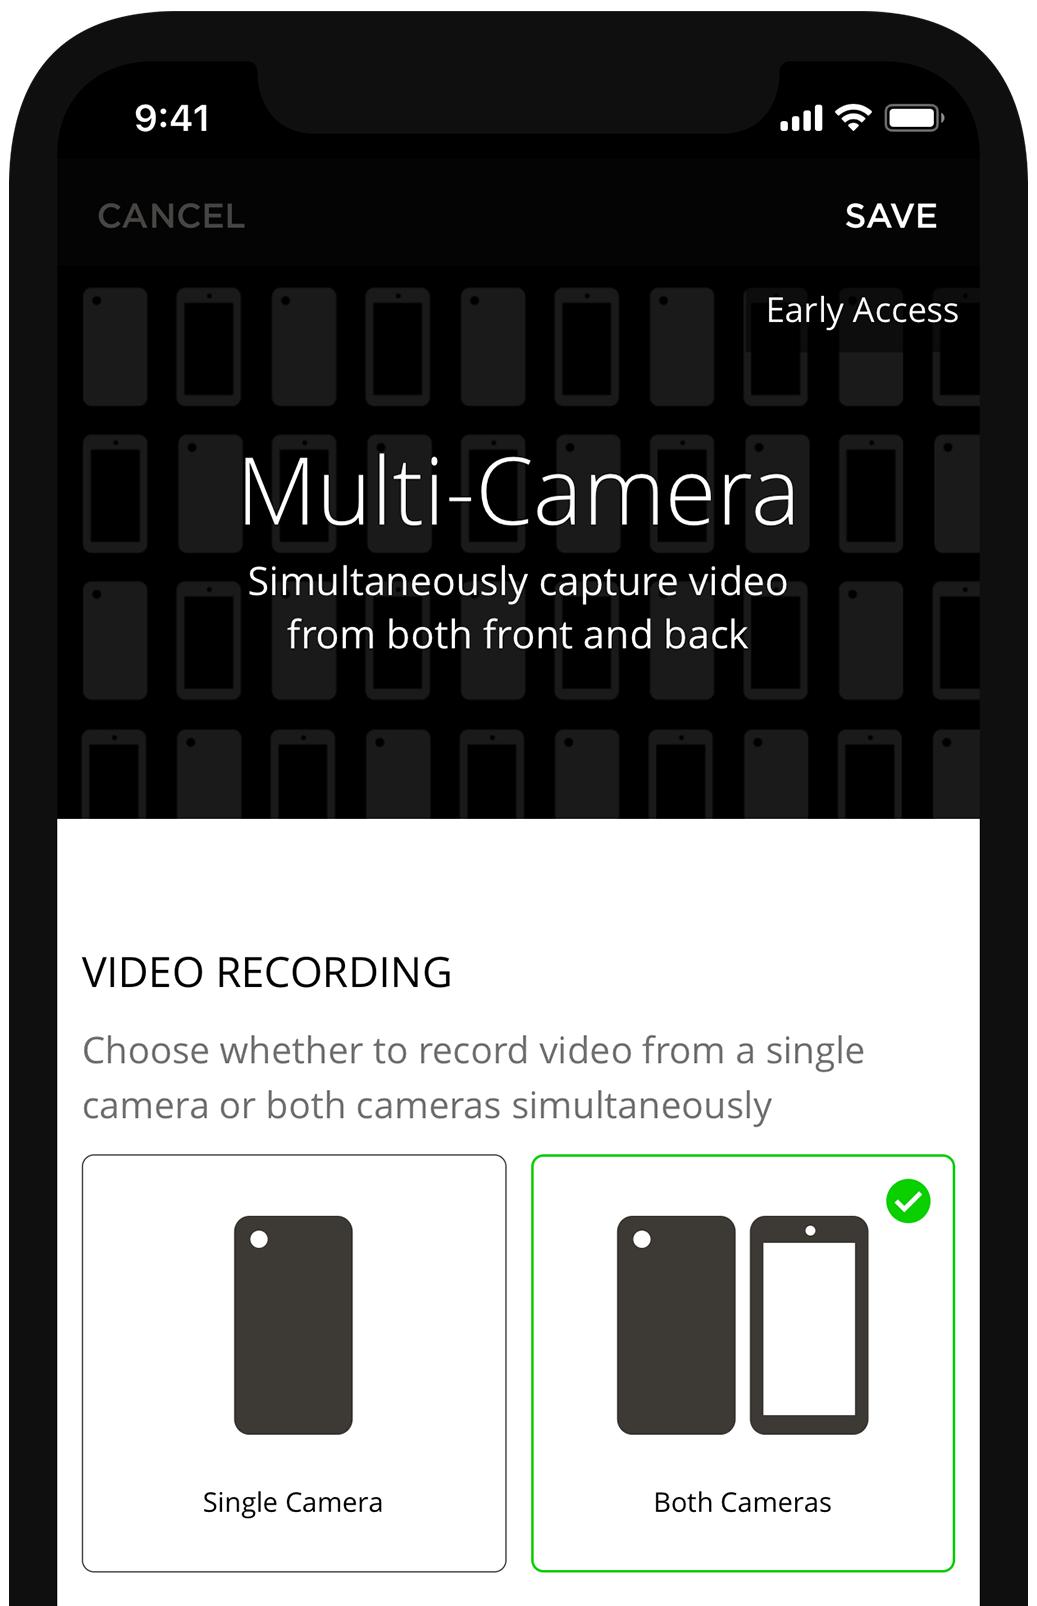 Multicam screenshot 1242 aa13f657ed1d4aac2ae15fc6e98505c6440e63d4e47aa515d489c2e76c4db76a